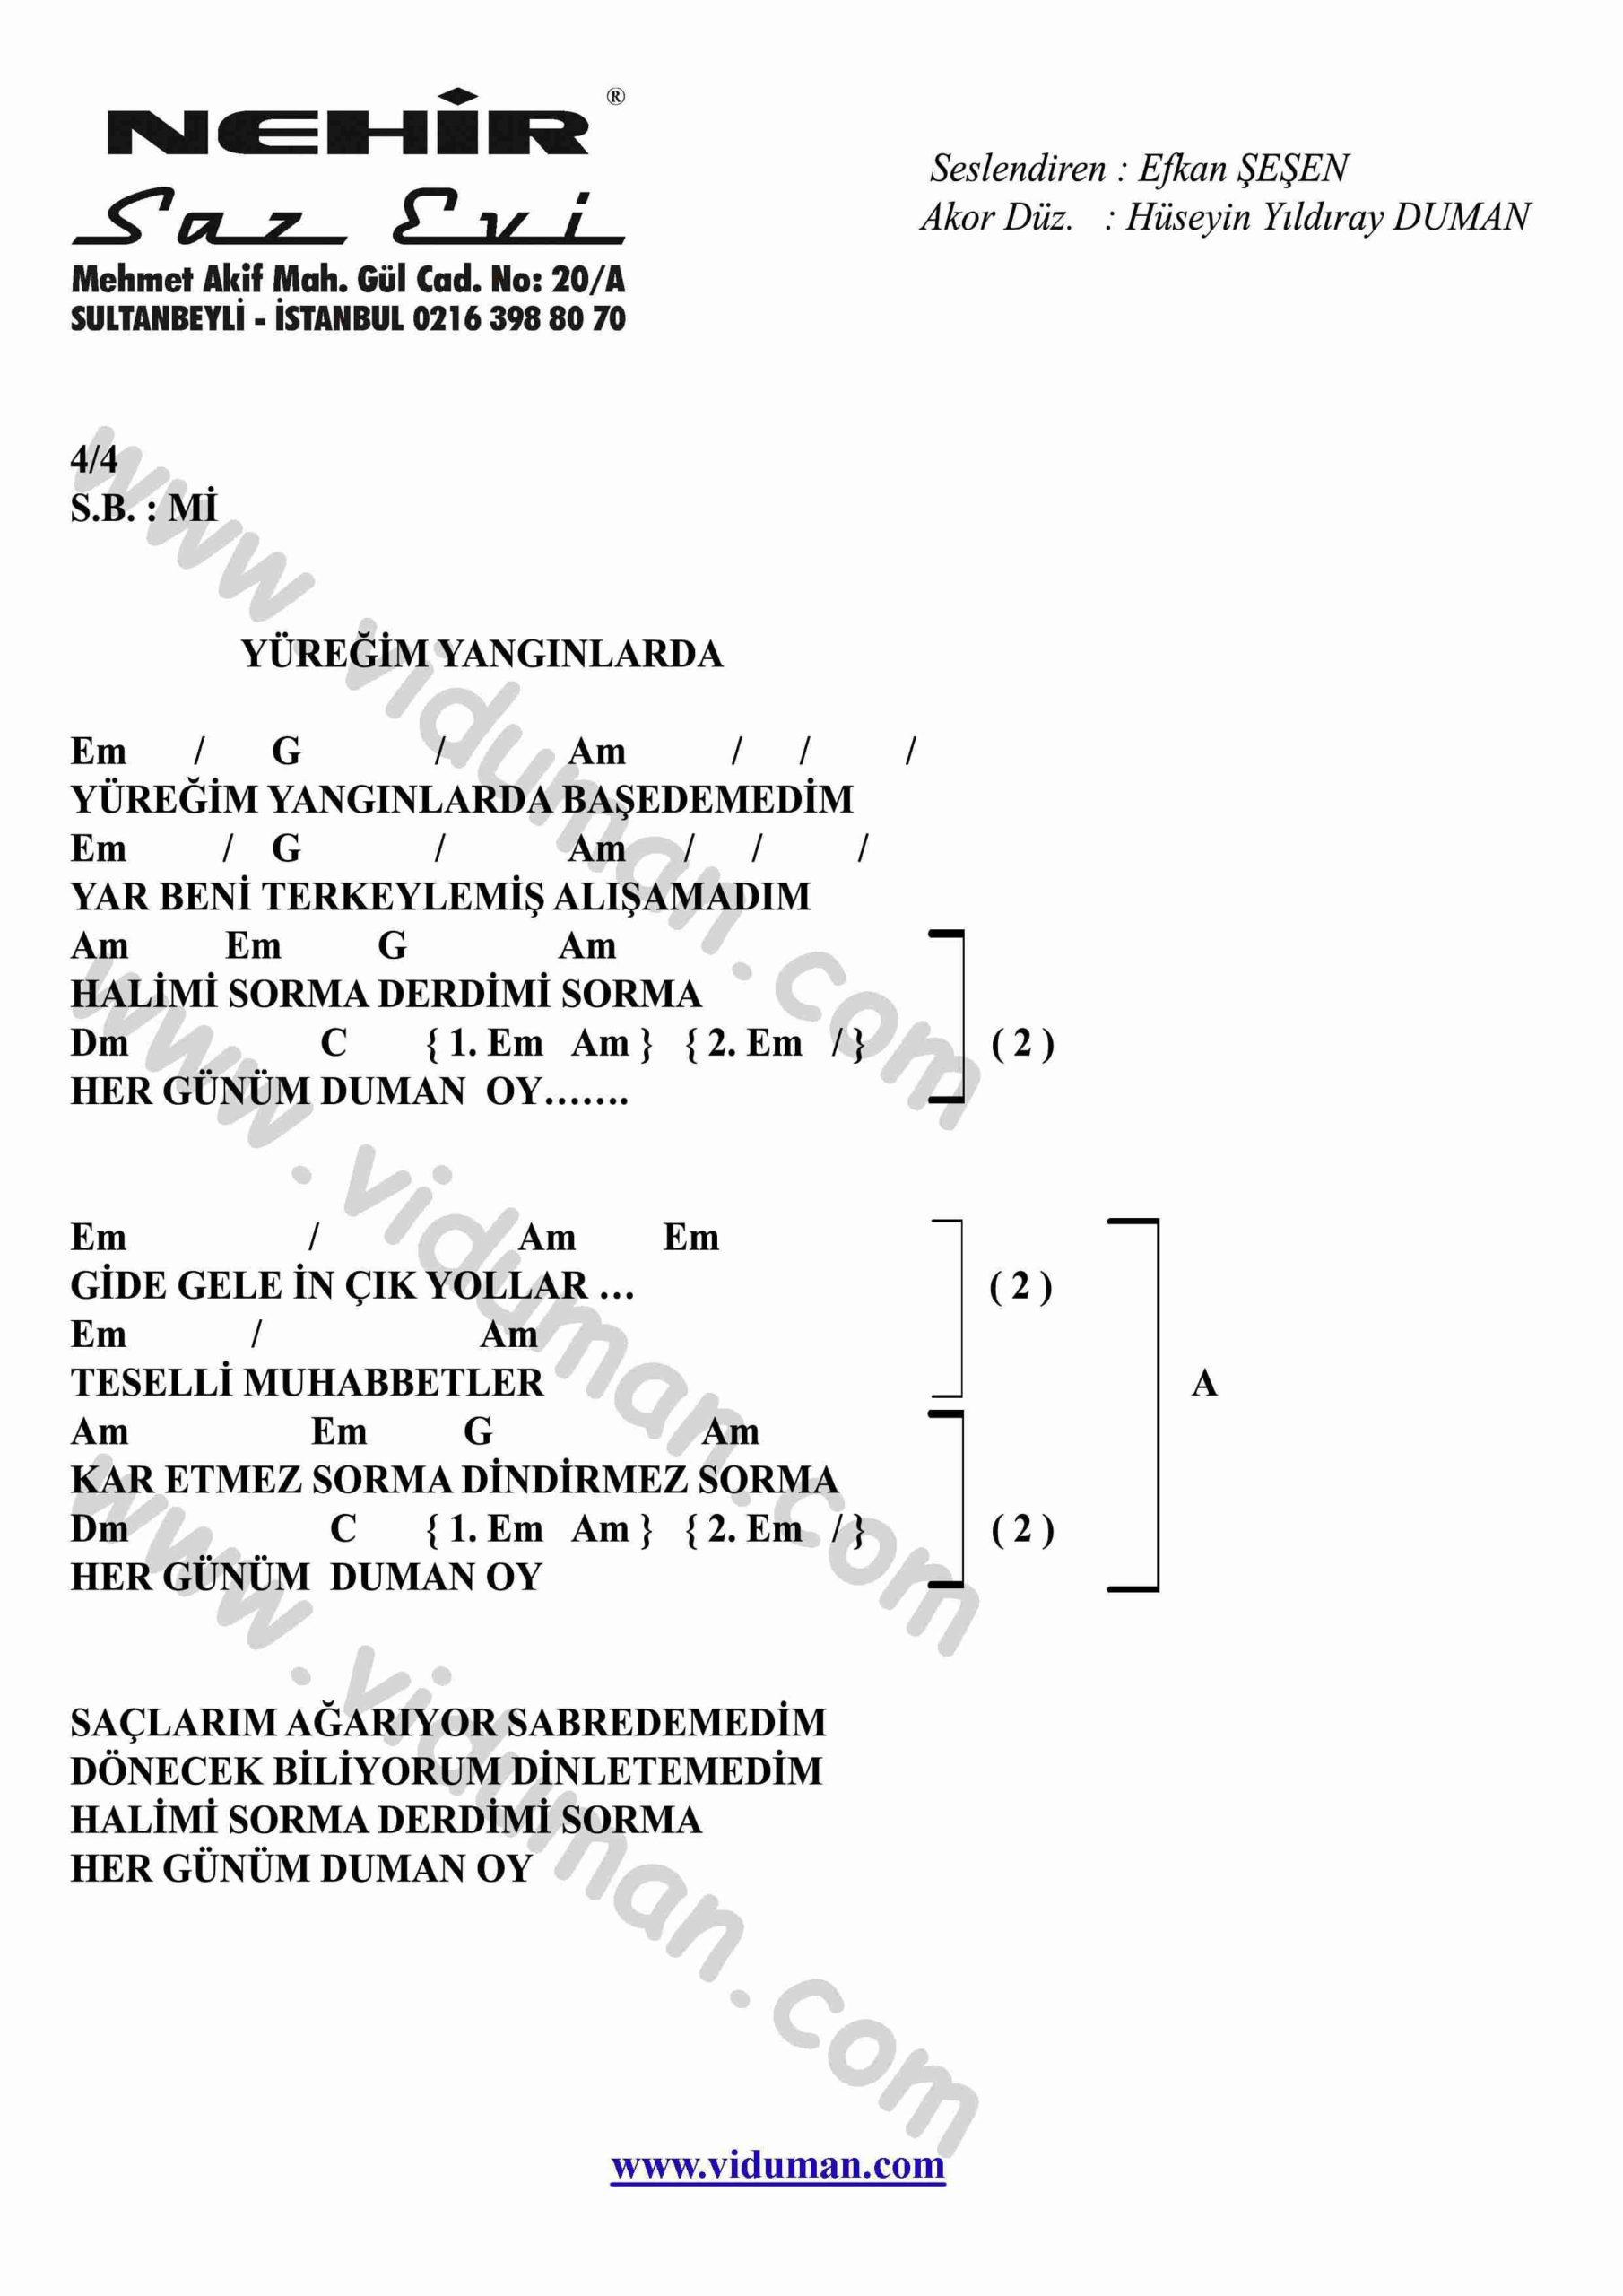 Yuregim Yanginlarda-Gitar-Ritim-Akorlari